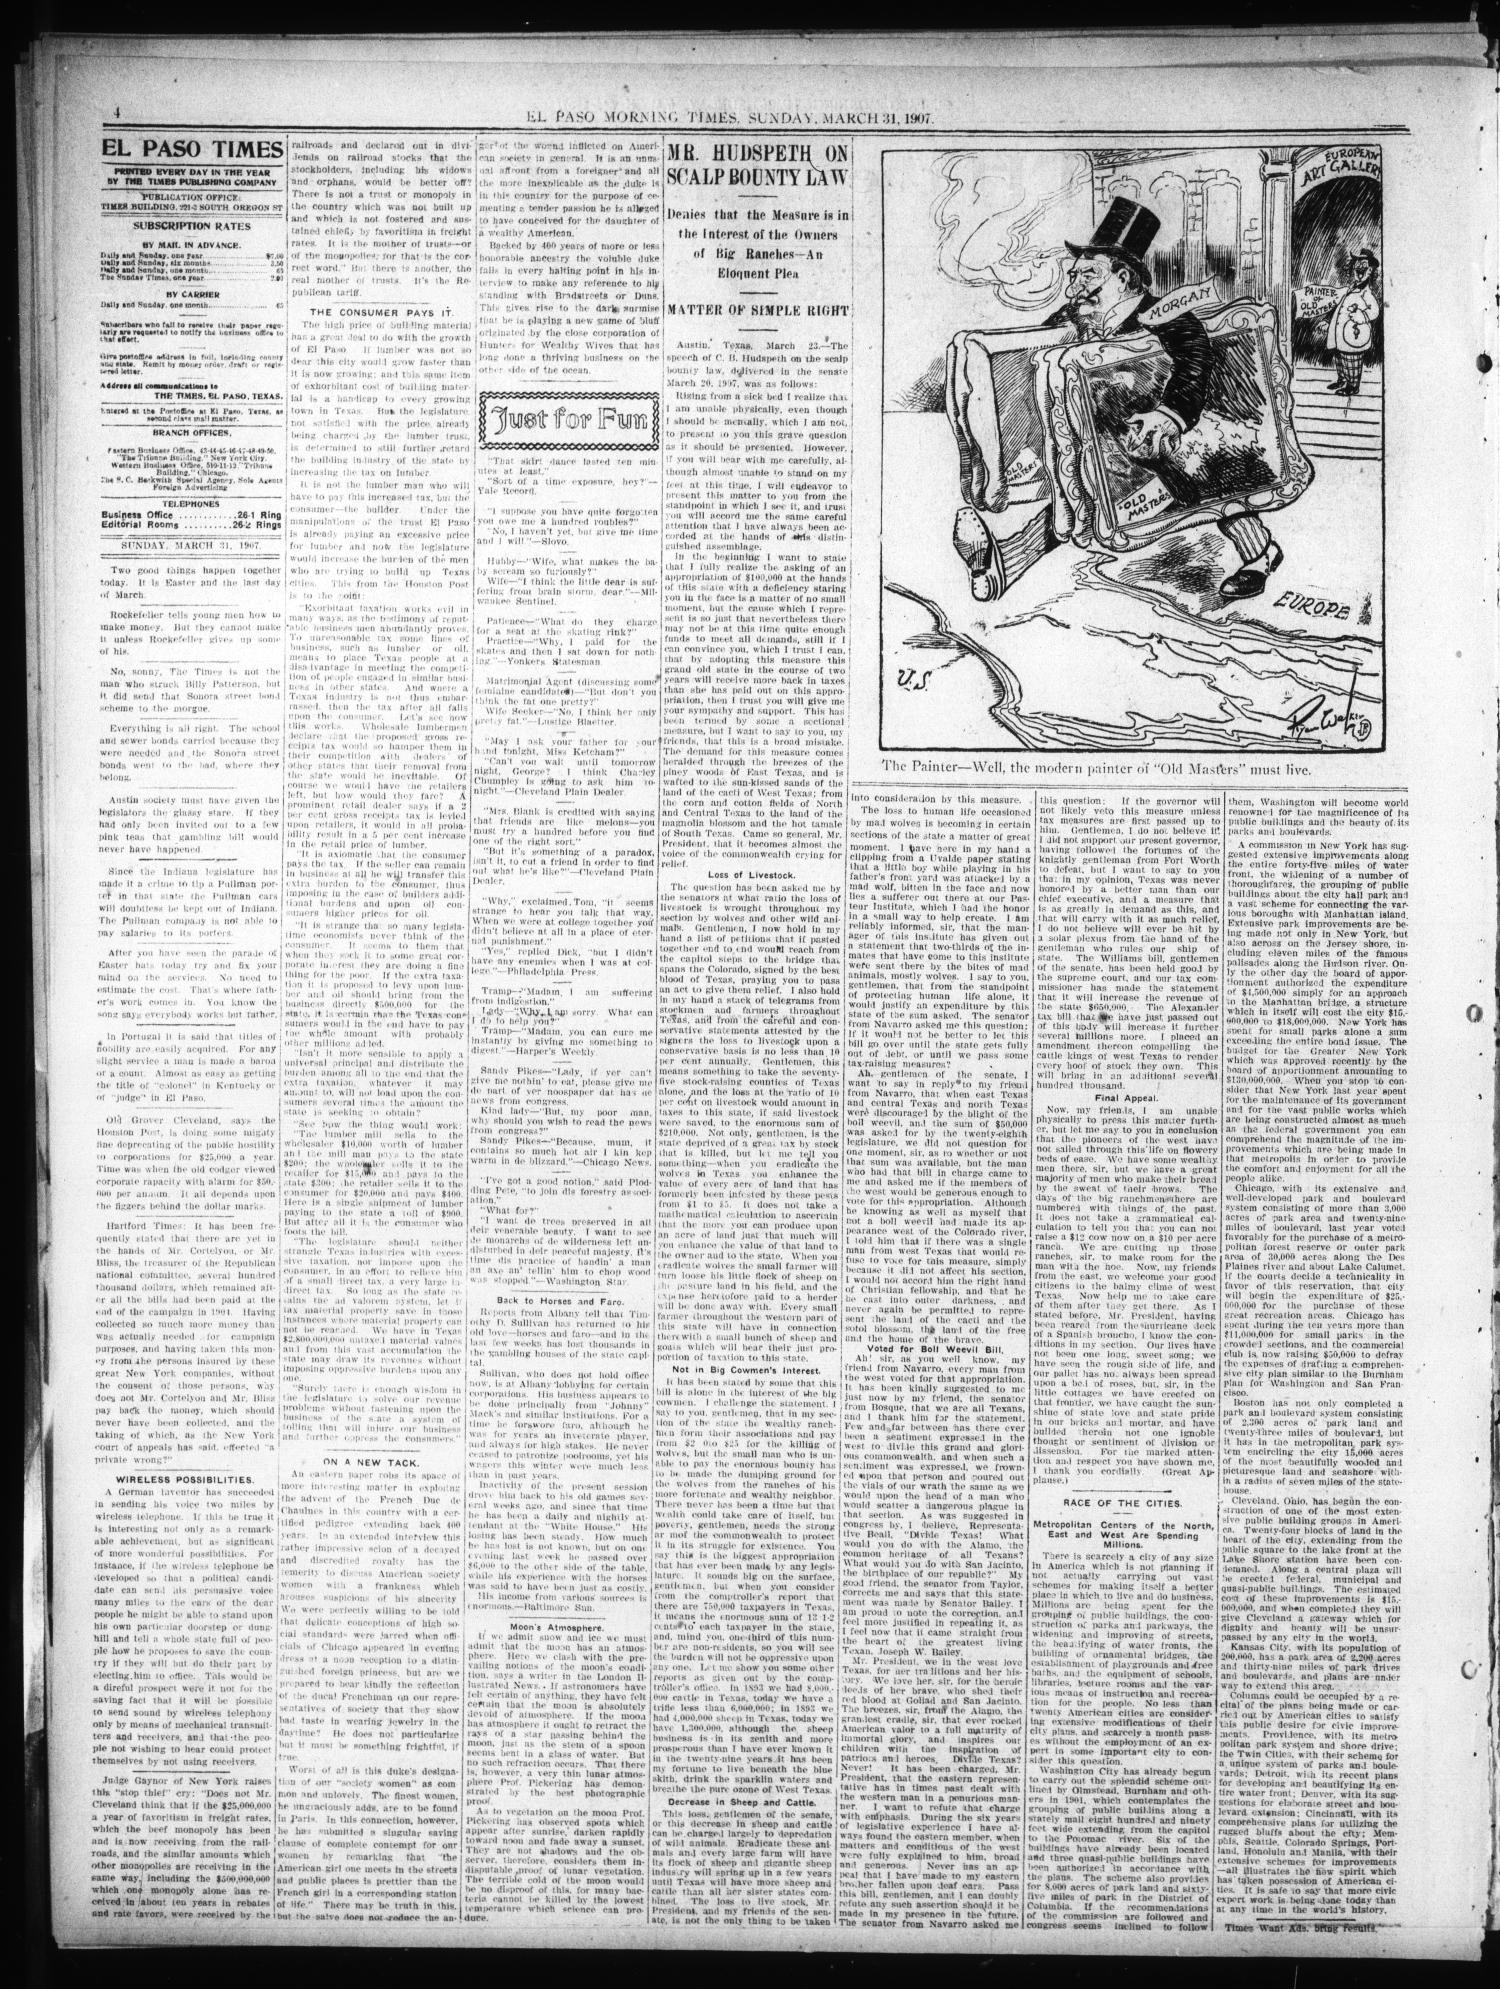 El Paso Sunday Times (El Paso, Tex ), Vol  26, Ed  1 Sunday